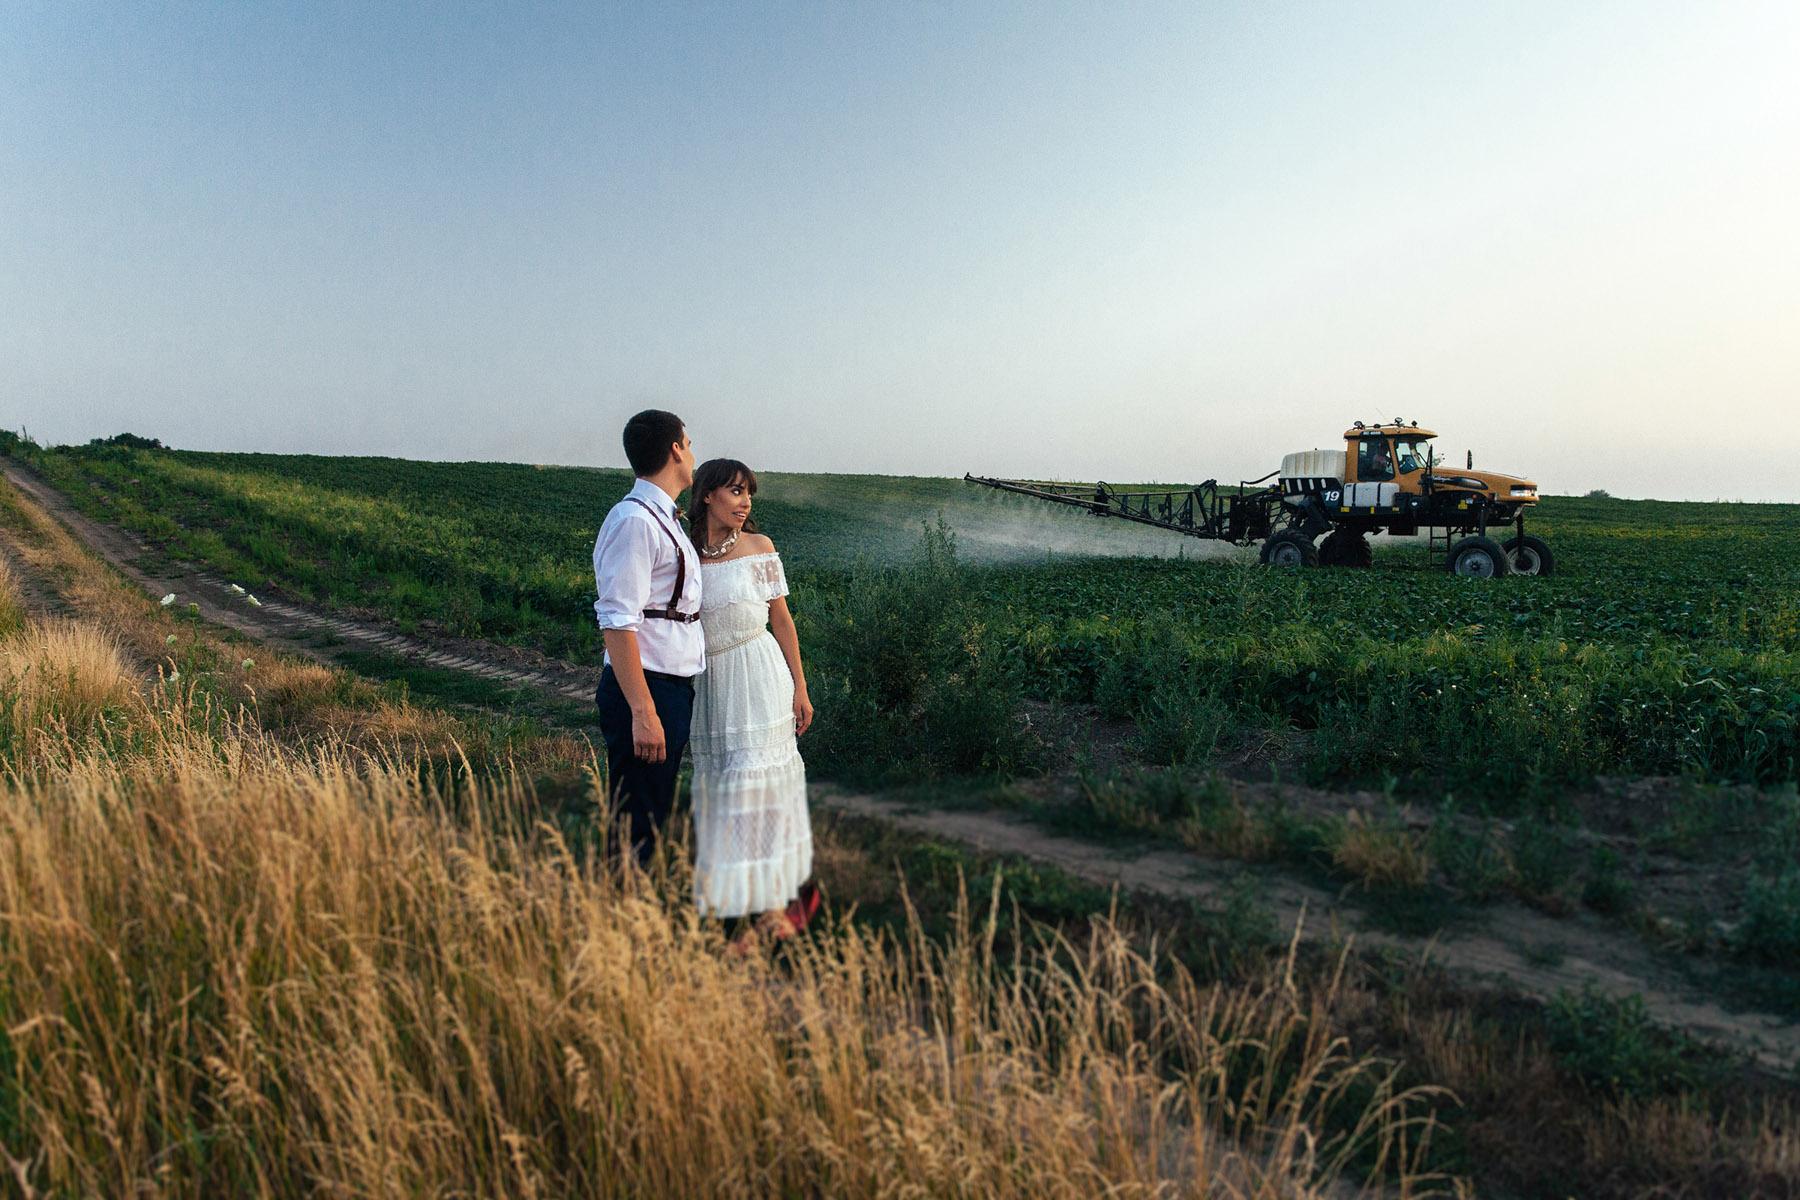 фотосъемка в поле